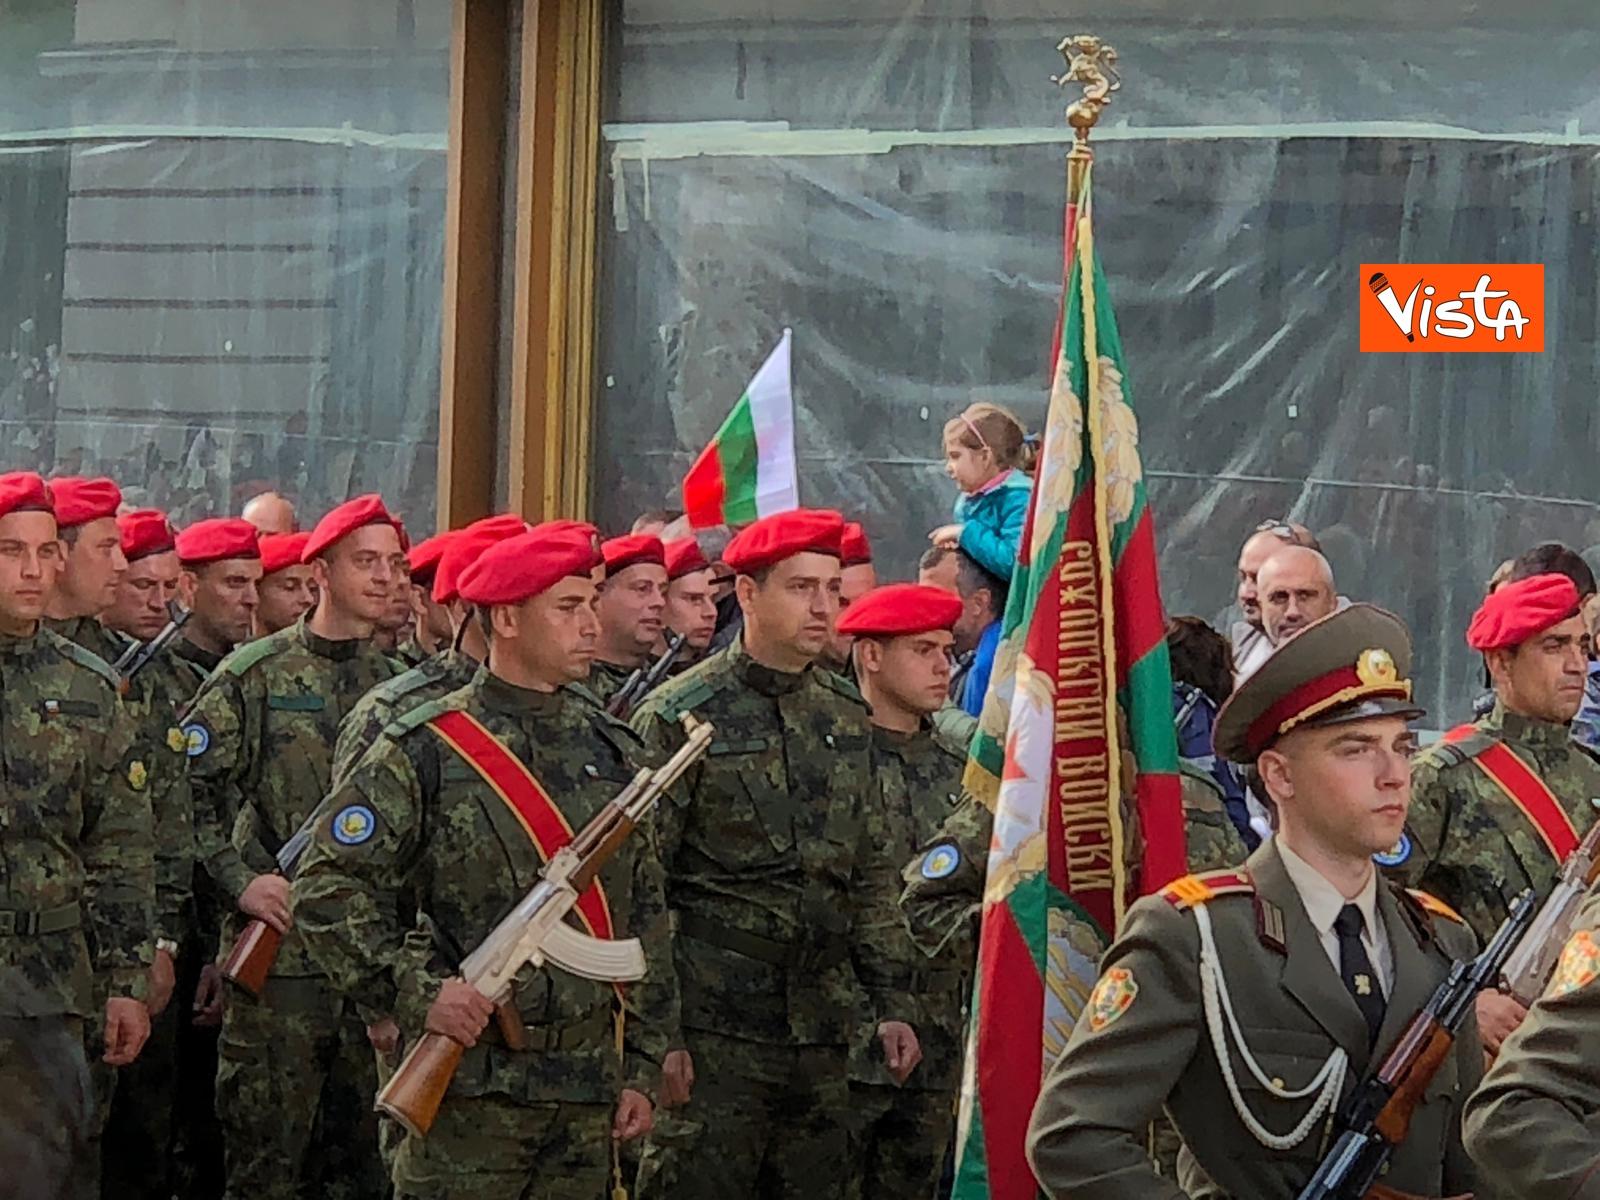 06-05-19 La parata militare a Sofia per la festa dell esercito in occasione di San Giorgio_02